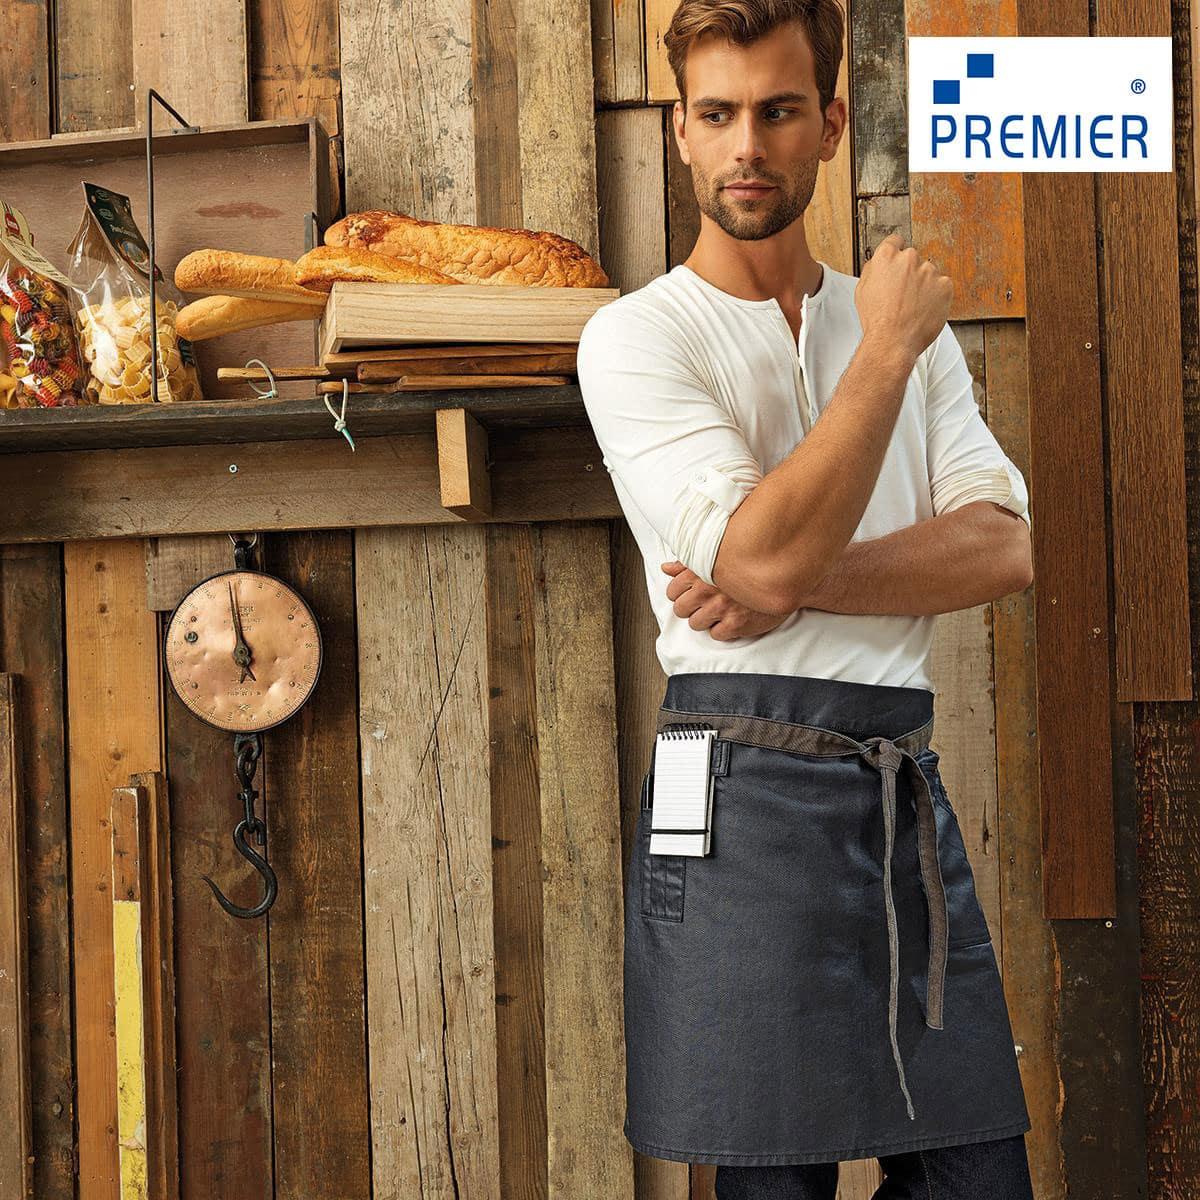 Ragazzo con maglia panna, grembiule in jeans e blocco alla cintura sfondo di legno con mensole